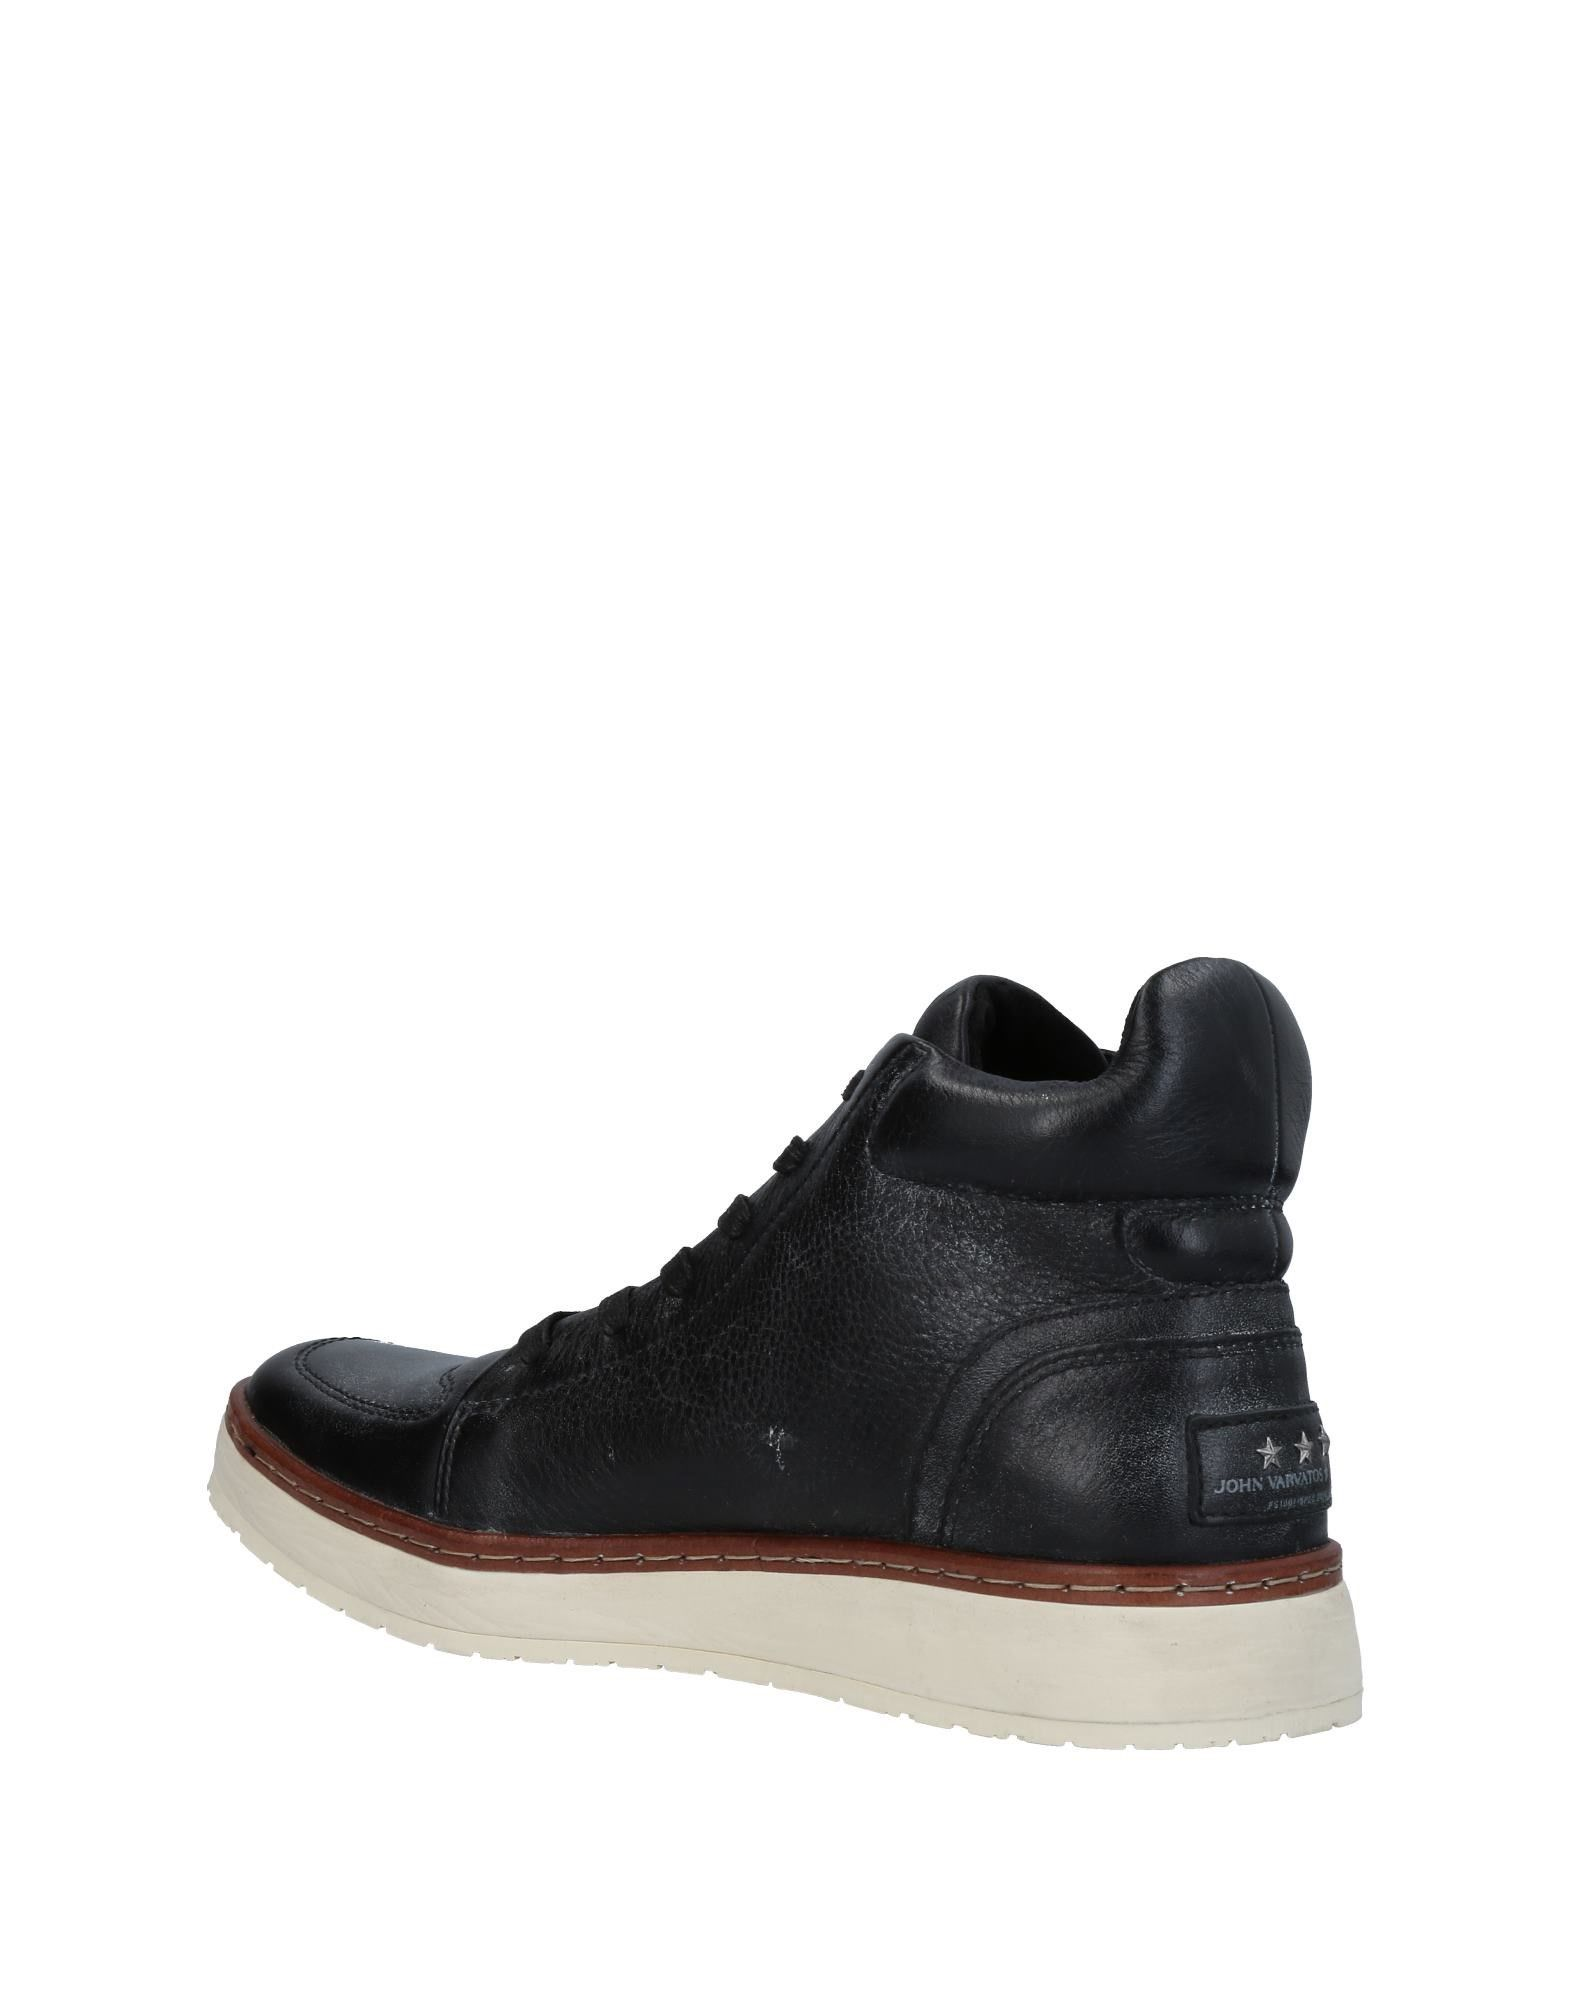 Rabatt echte Schuhe John Varvatos ★ U.S.A. Sneakers Herren  11440625WB